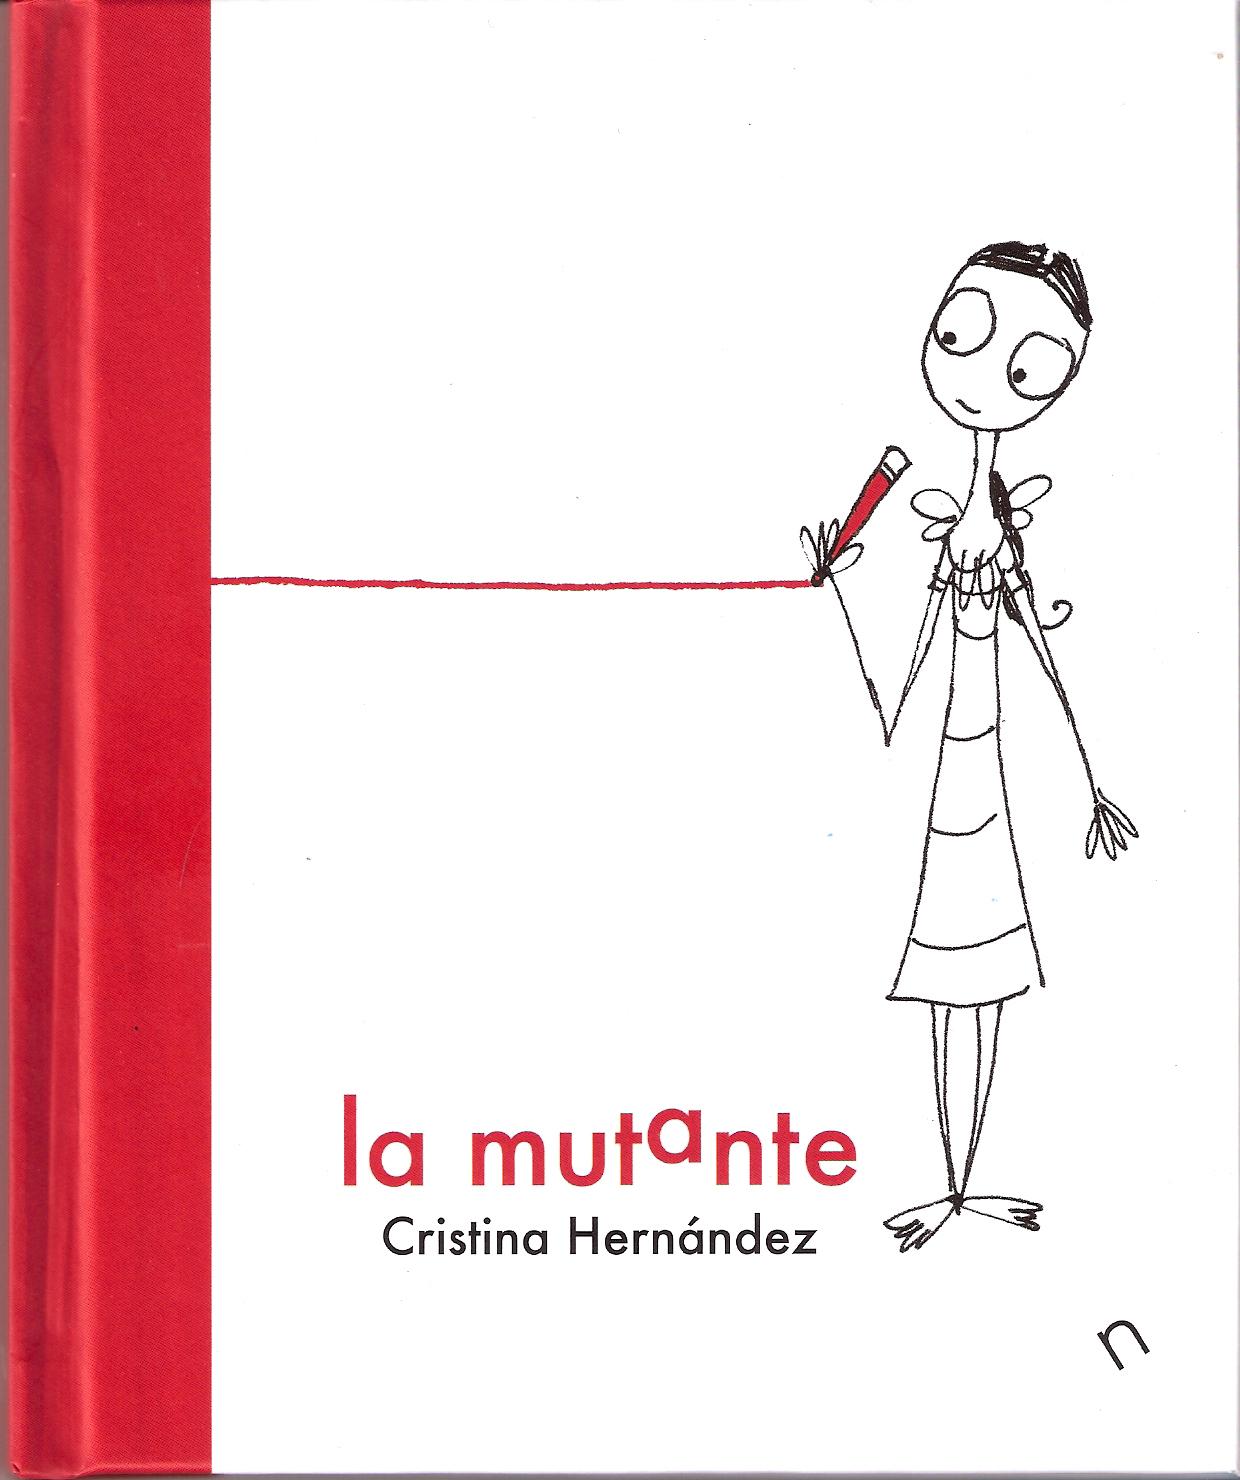 Matilda Libros: La mutante. Cristina Hernández.